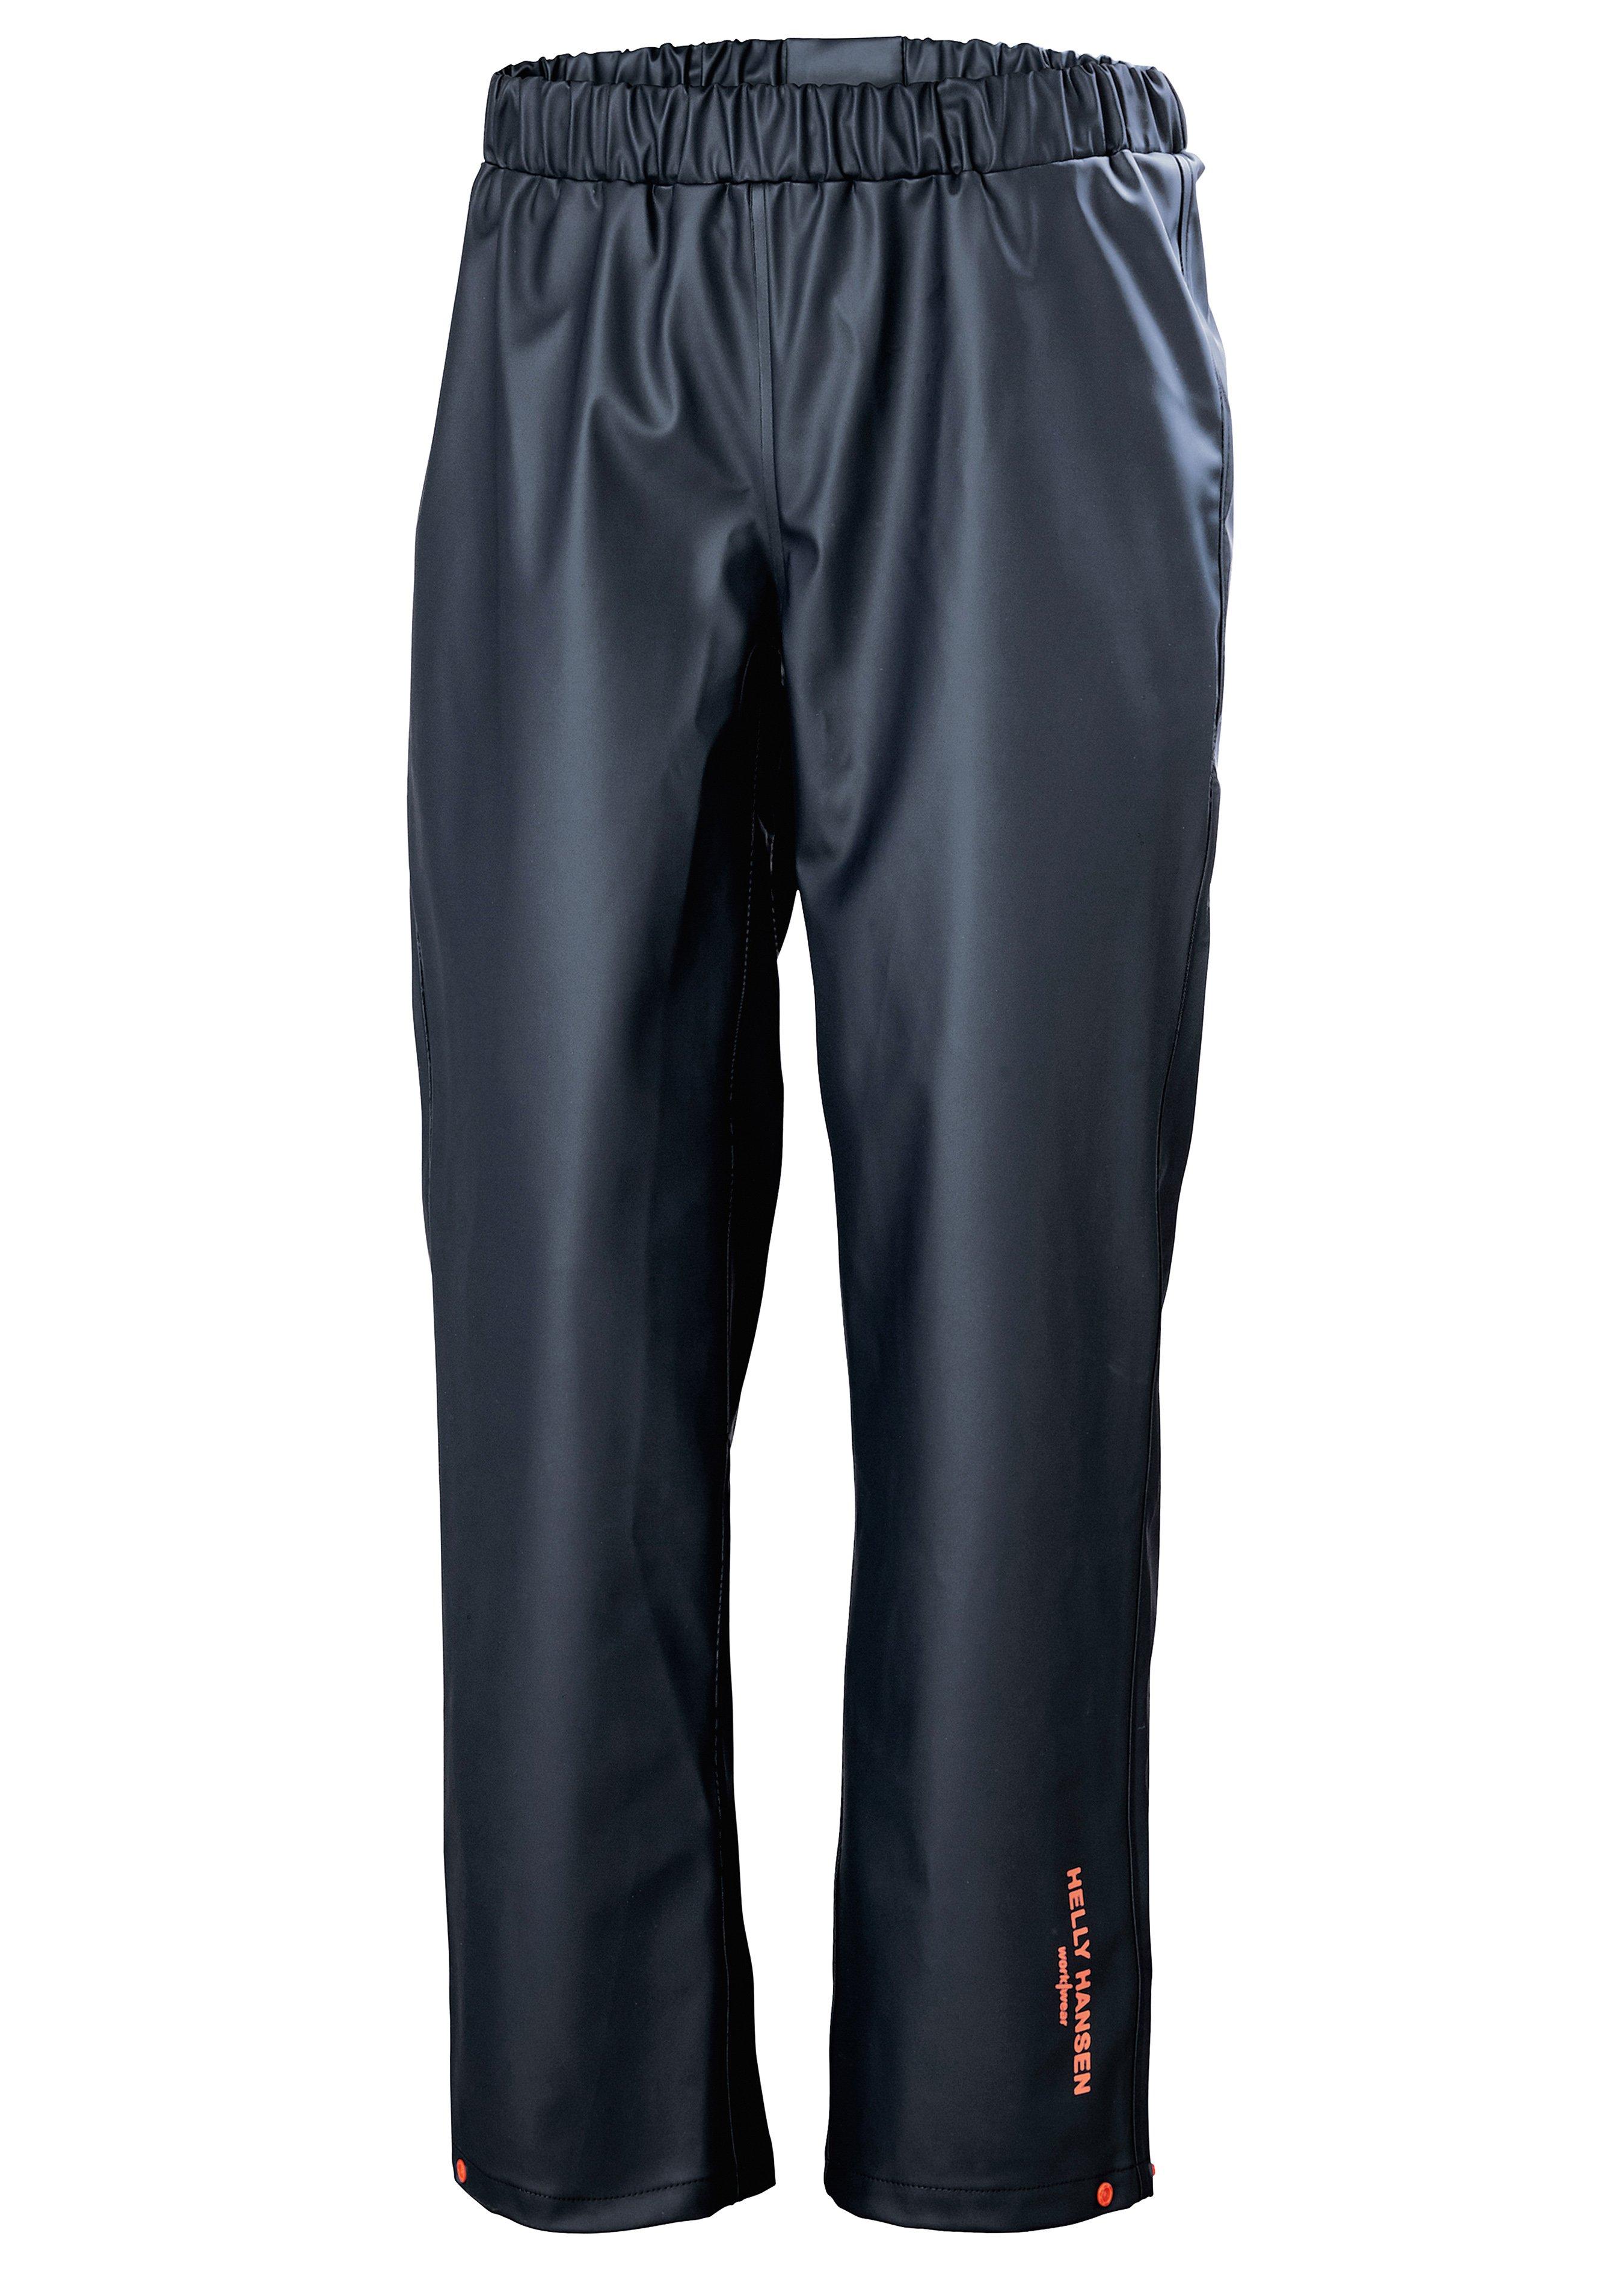 Pantalon de protection contre la pluie Luna 288033XL 1